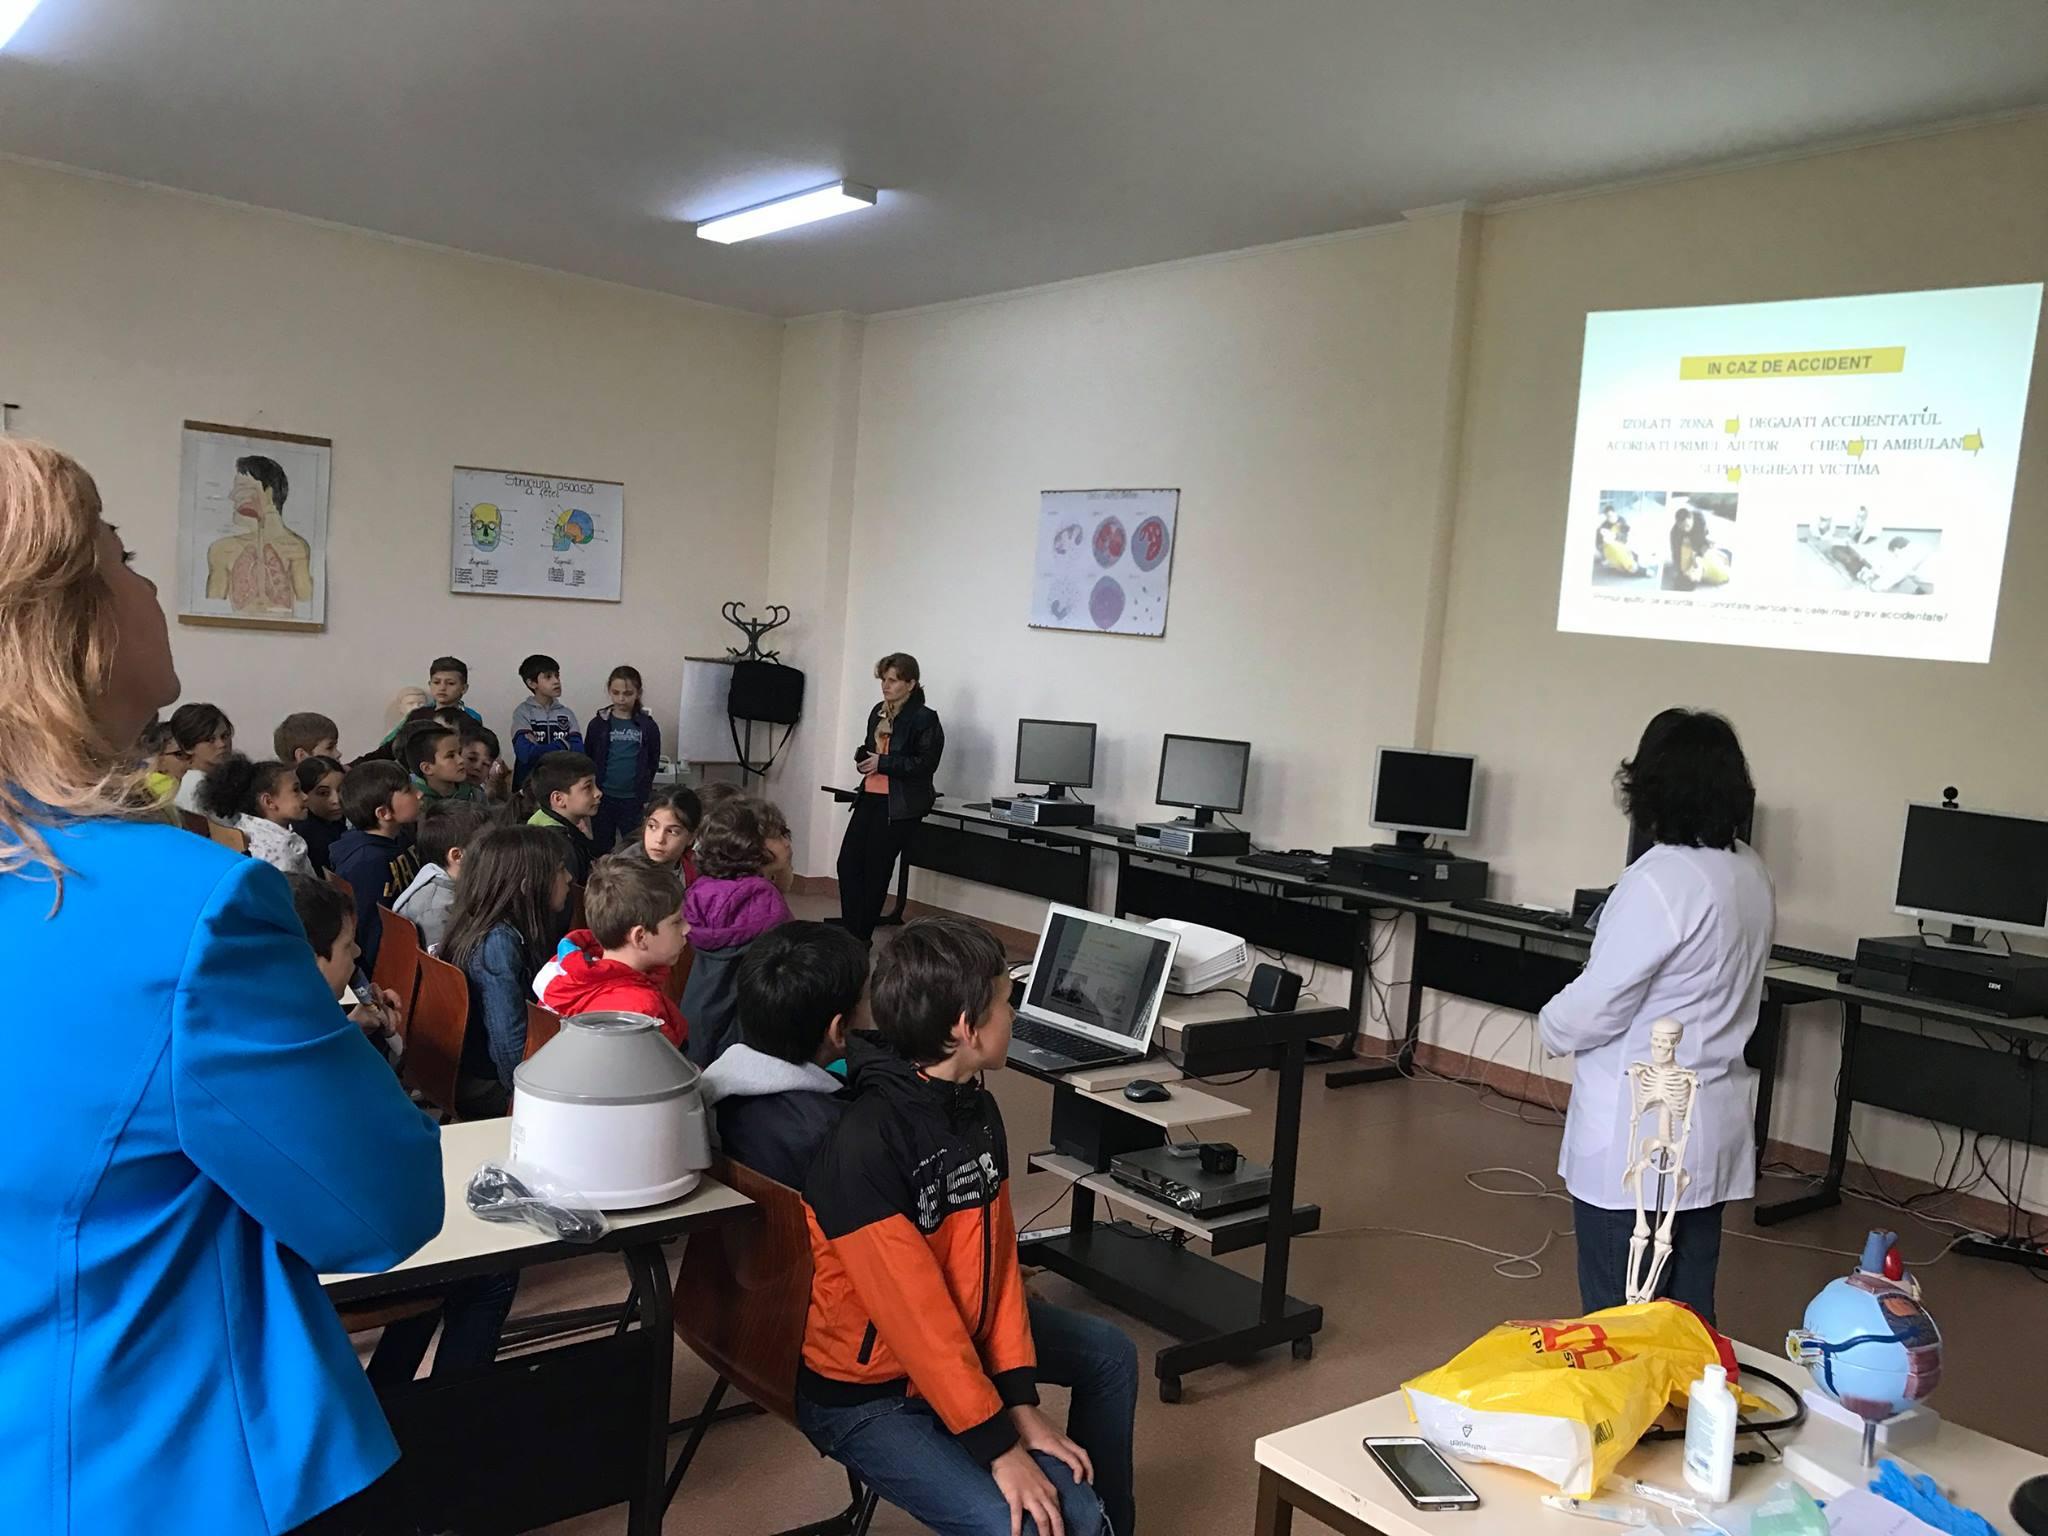 Școala Postliceală Sanitară Hygeia din Sibiu scoate la concurs 60 de locuri